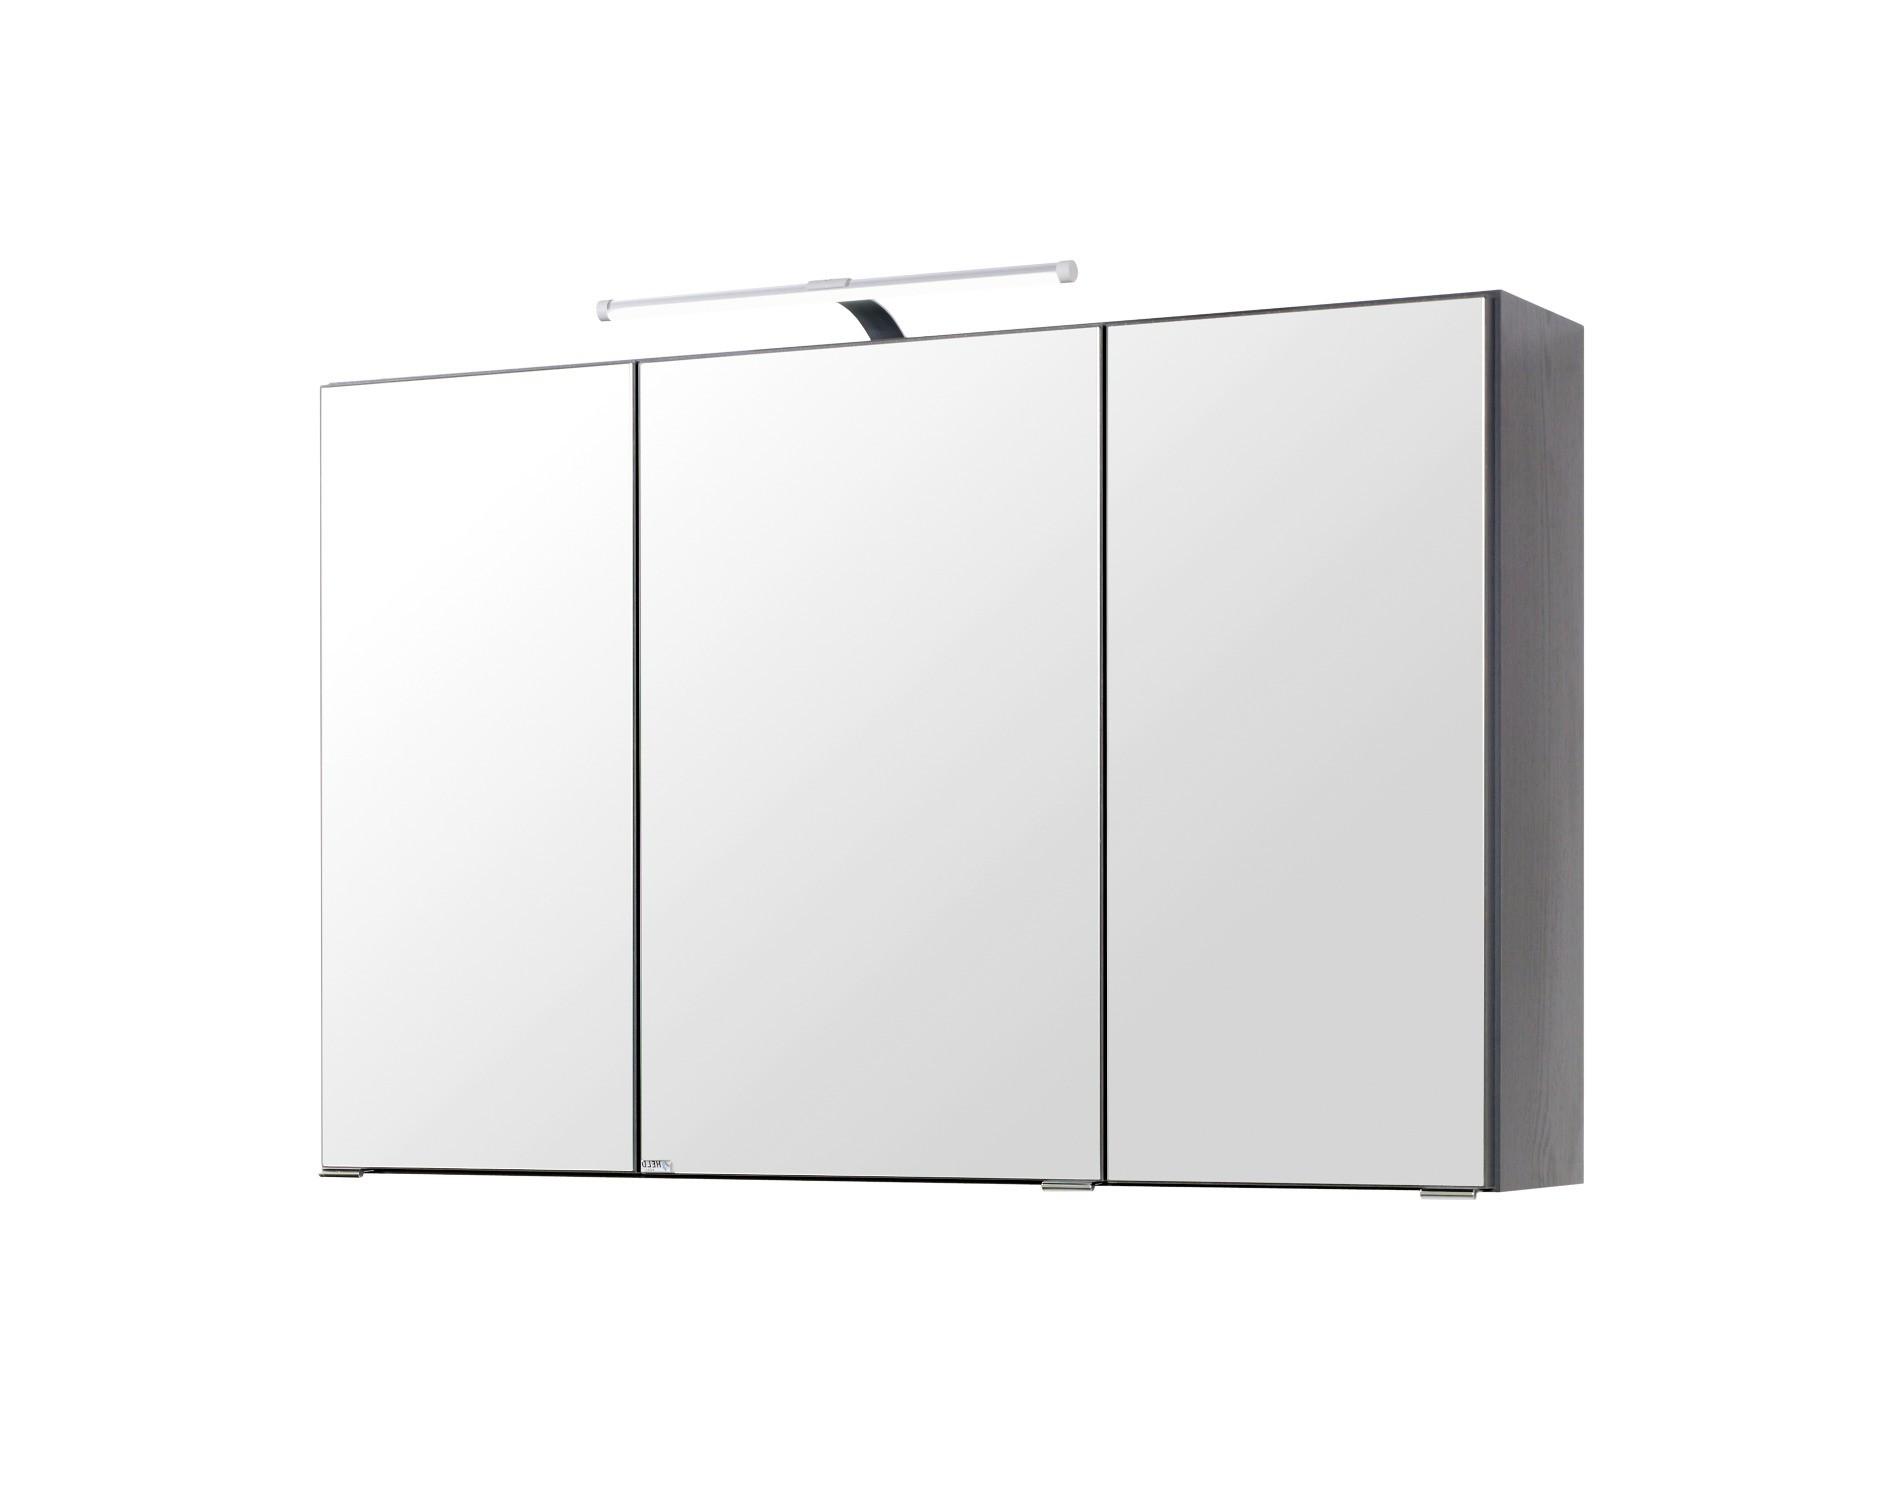 Bad-Spiegelschrank - 3-türig - 100 cm breit - Graphitgrau Bad ...